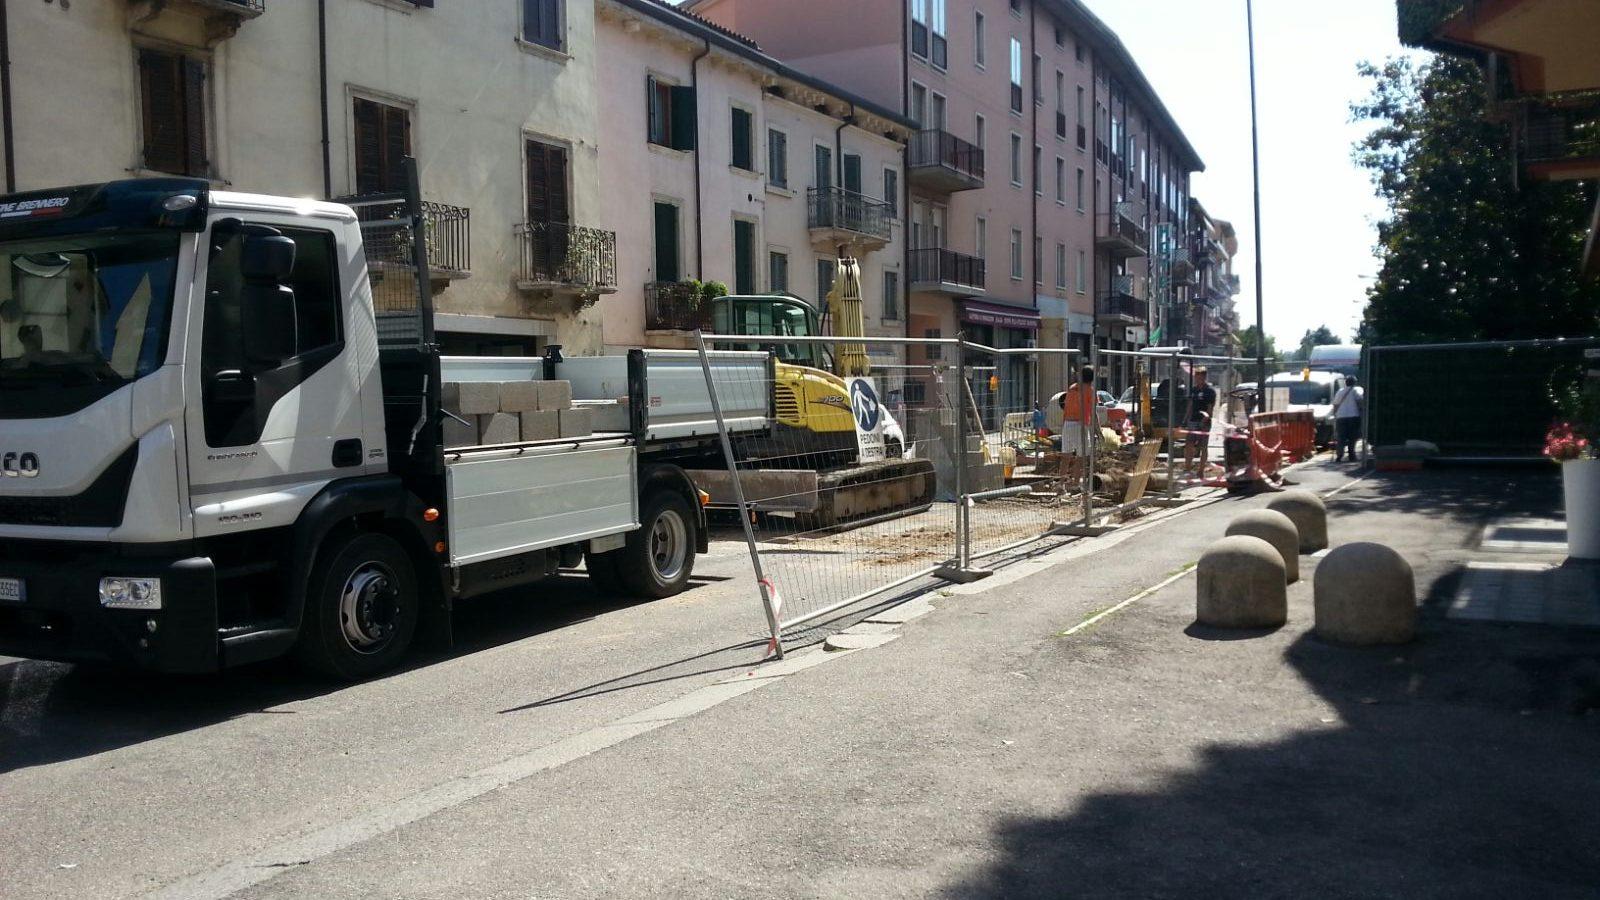 Borgo Trento